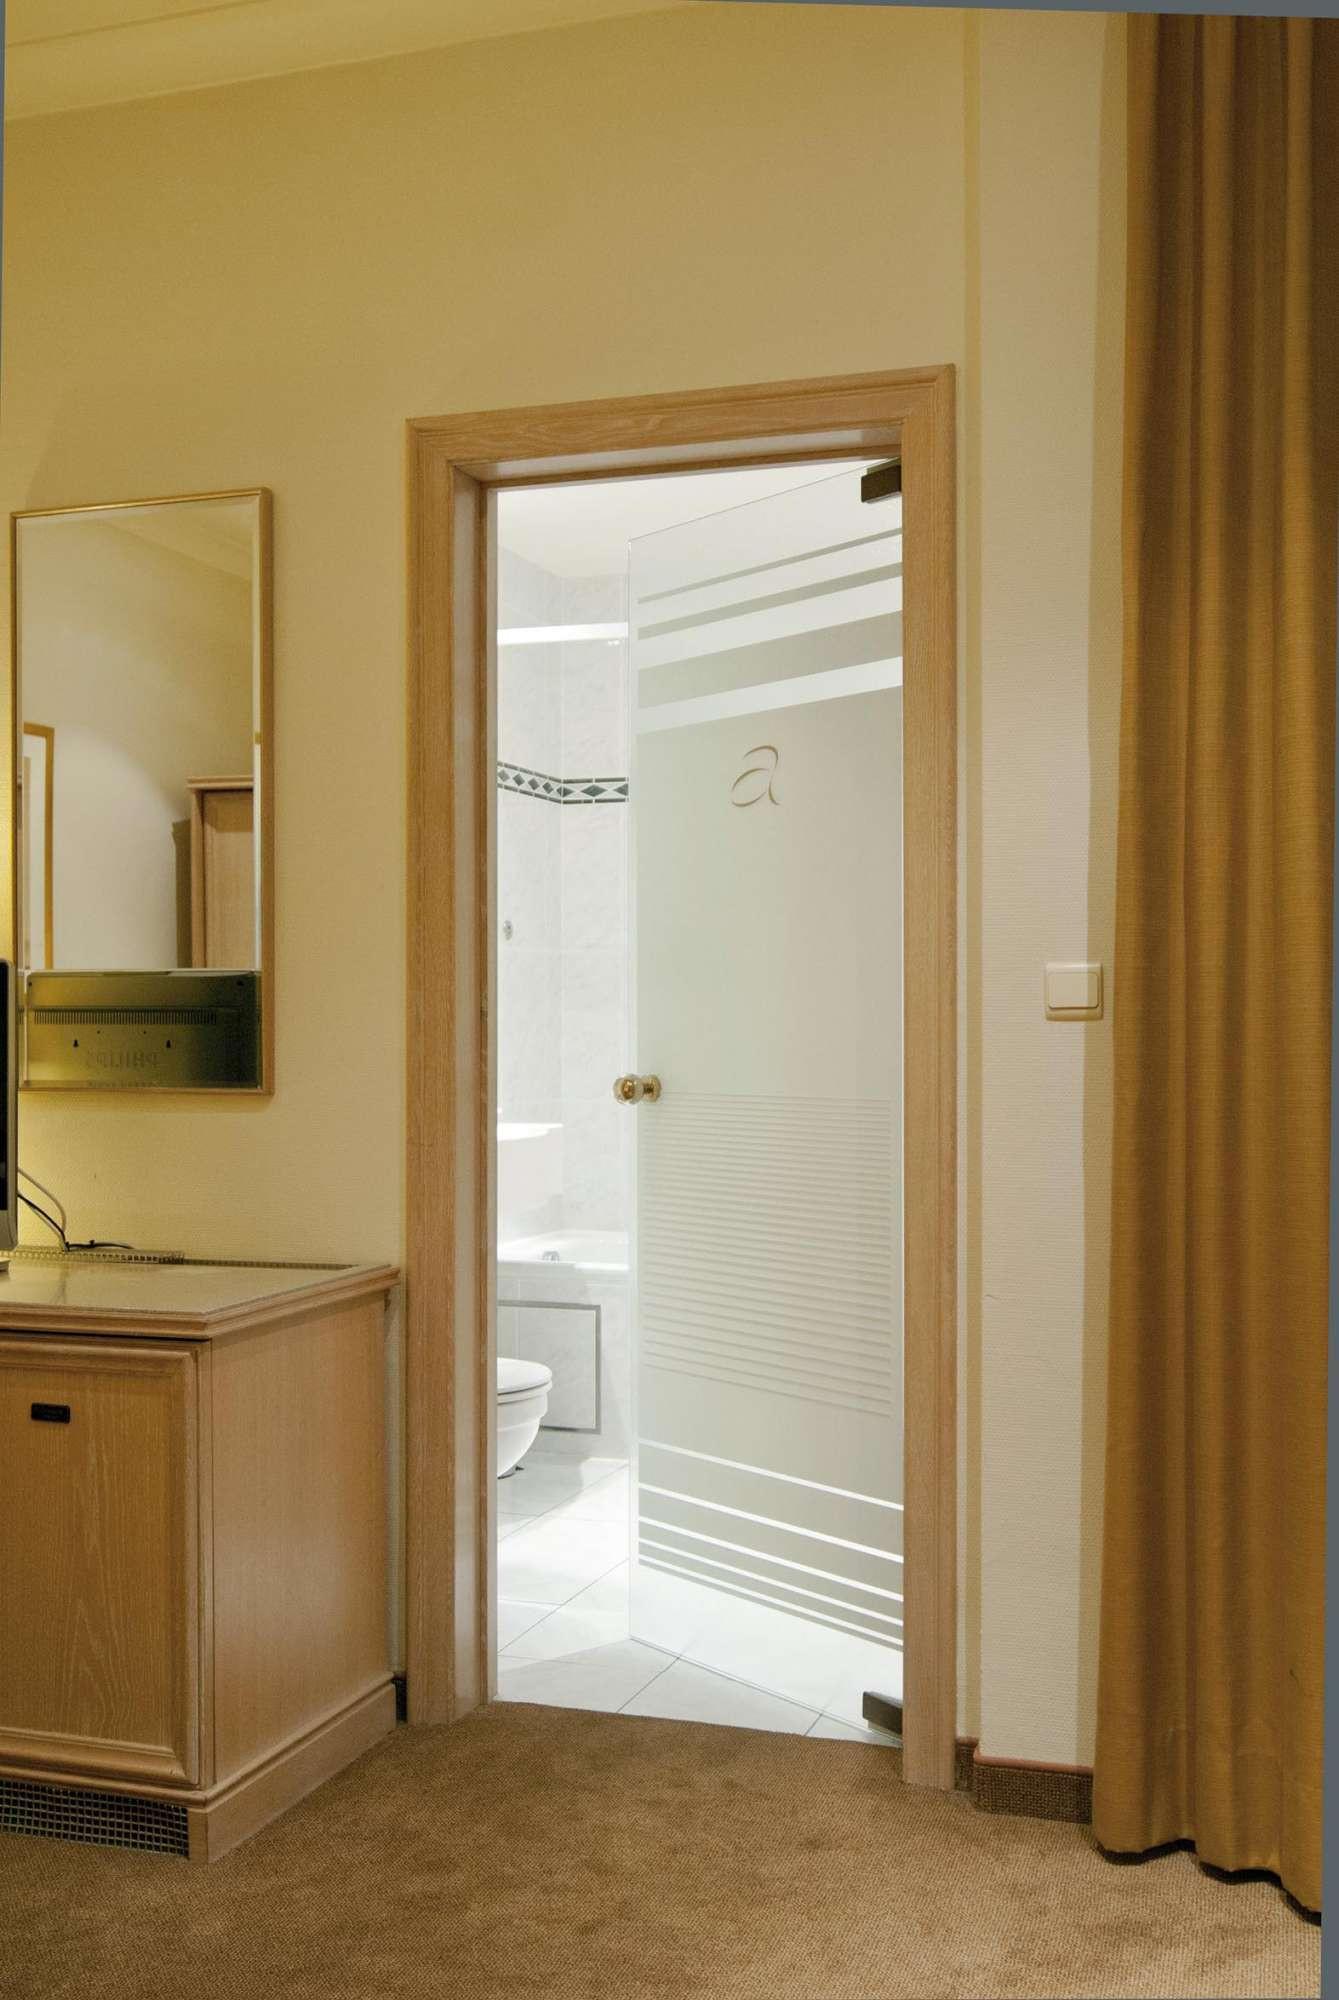 Nordex_Alken Hotel_7